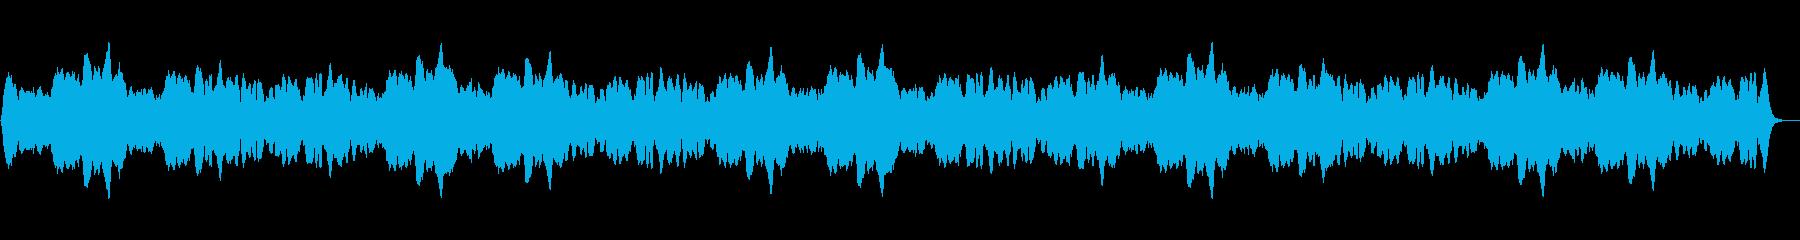 ゆったりとしたヒーリング音楽(水の音)の再生済みの波形